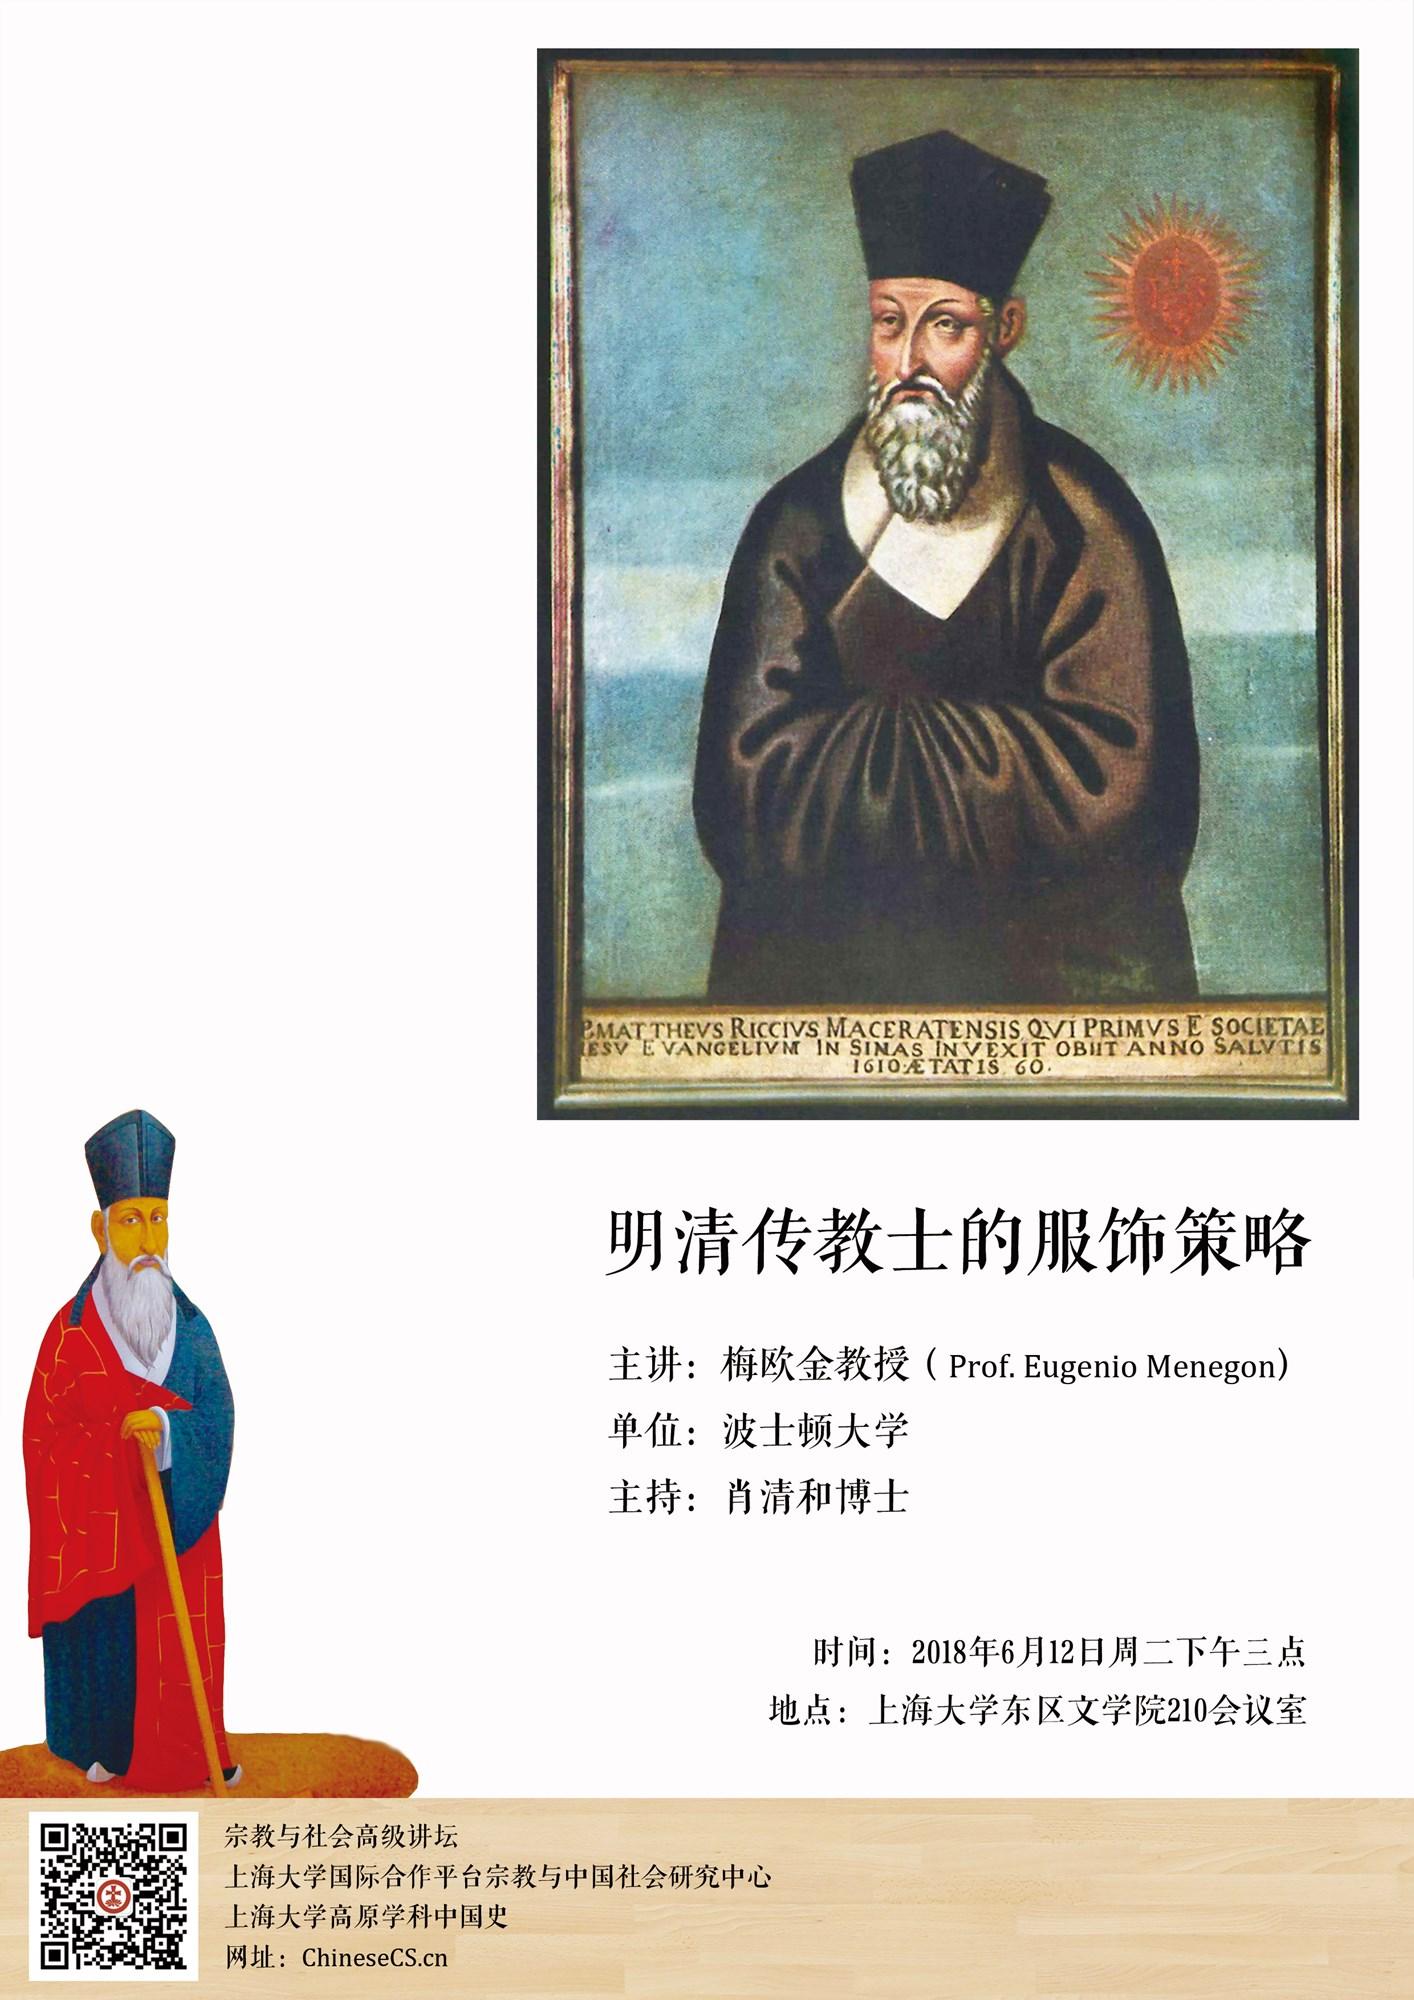 6月12日,梅欧金:明清传教士的服饰策略